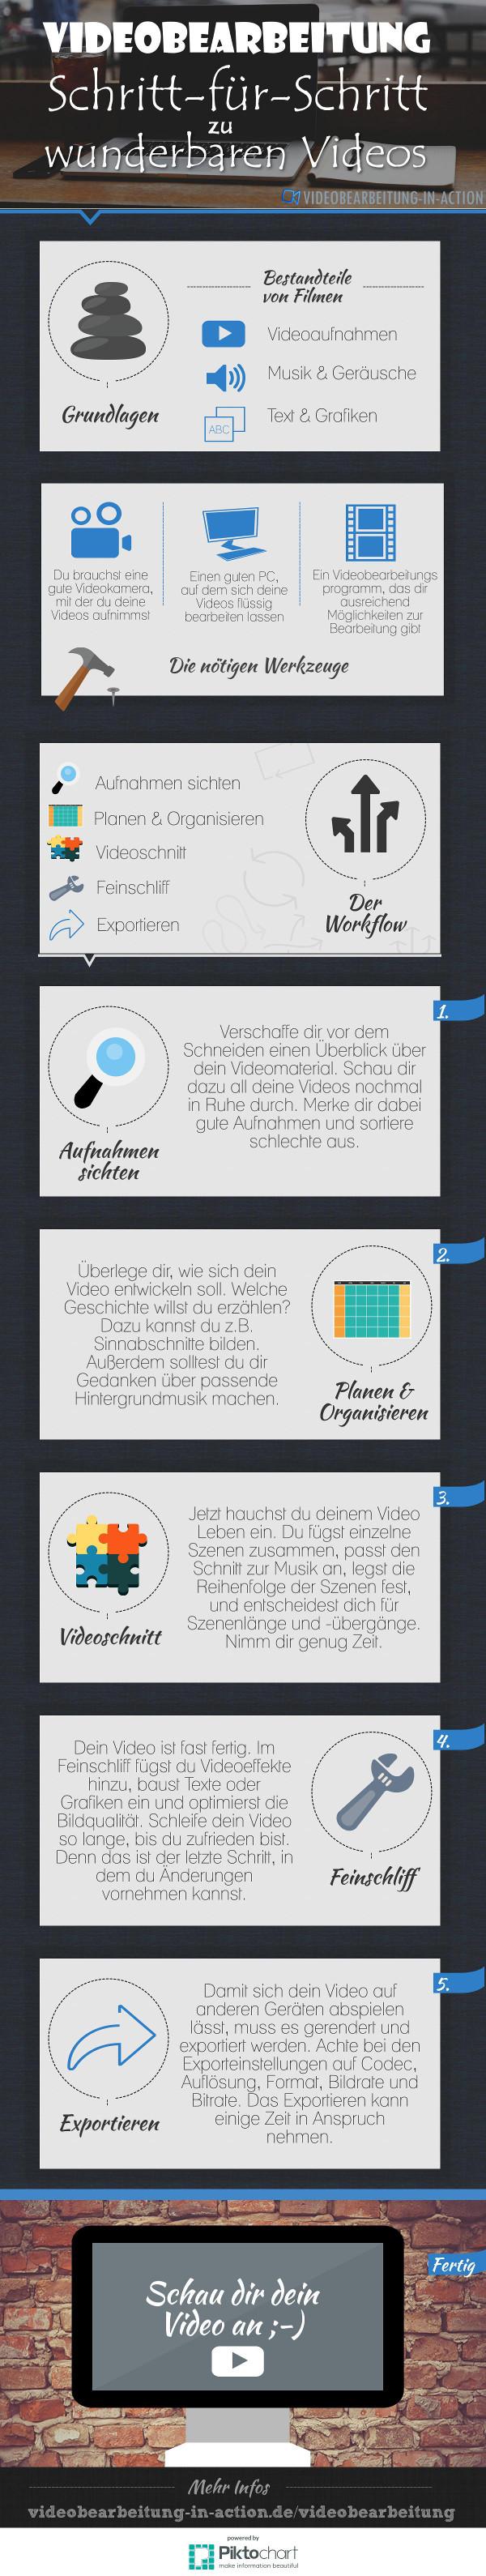 Videobearbeitung Infografik